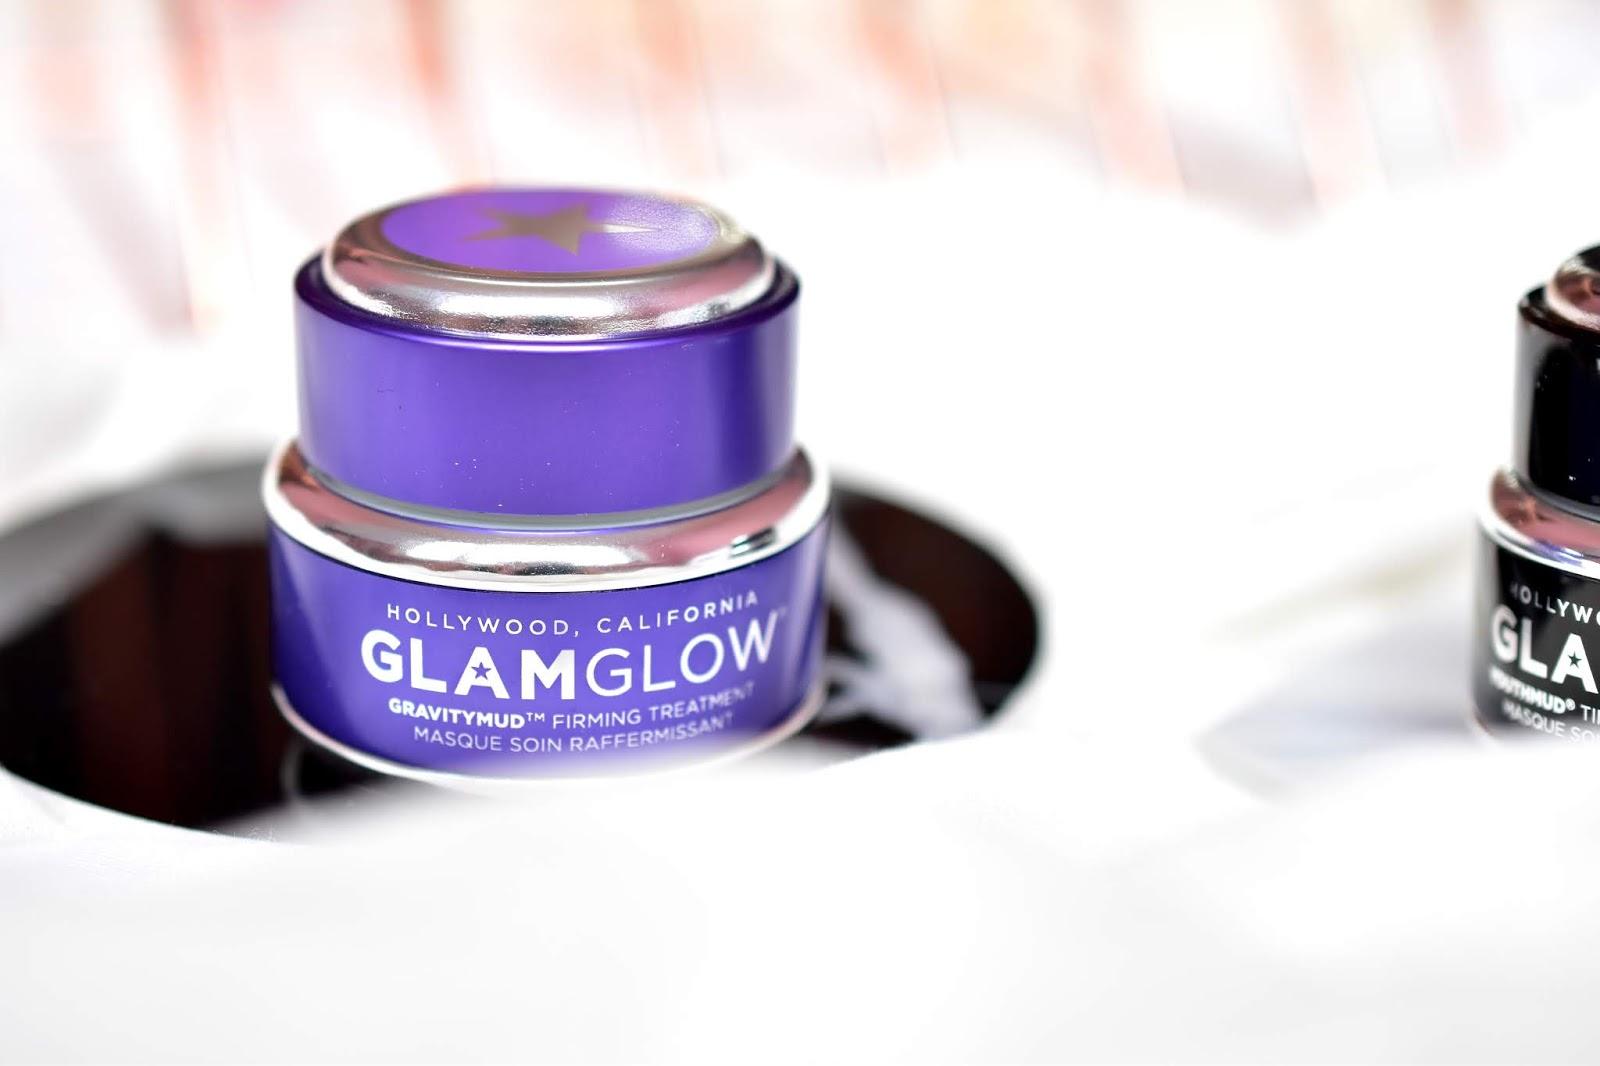 Glam Glow Gravitymud